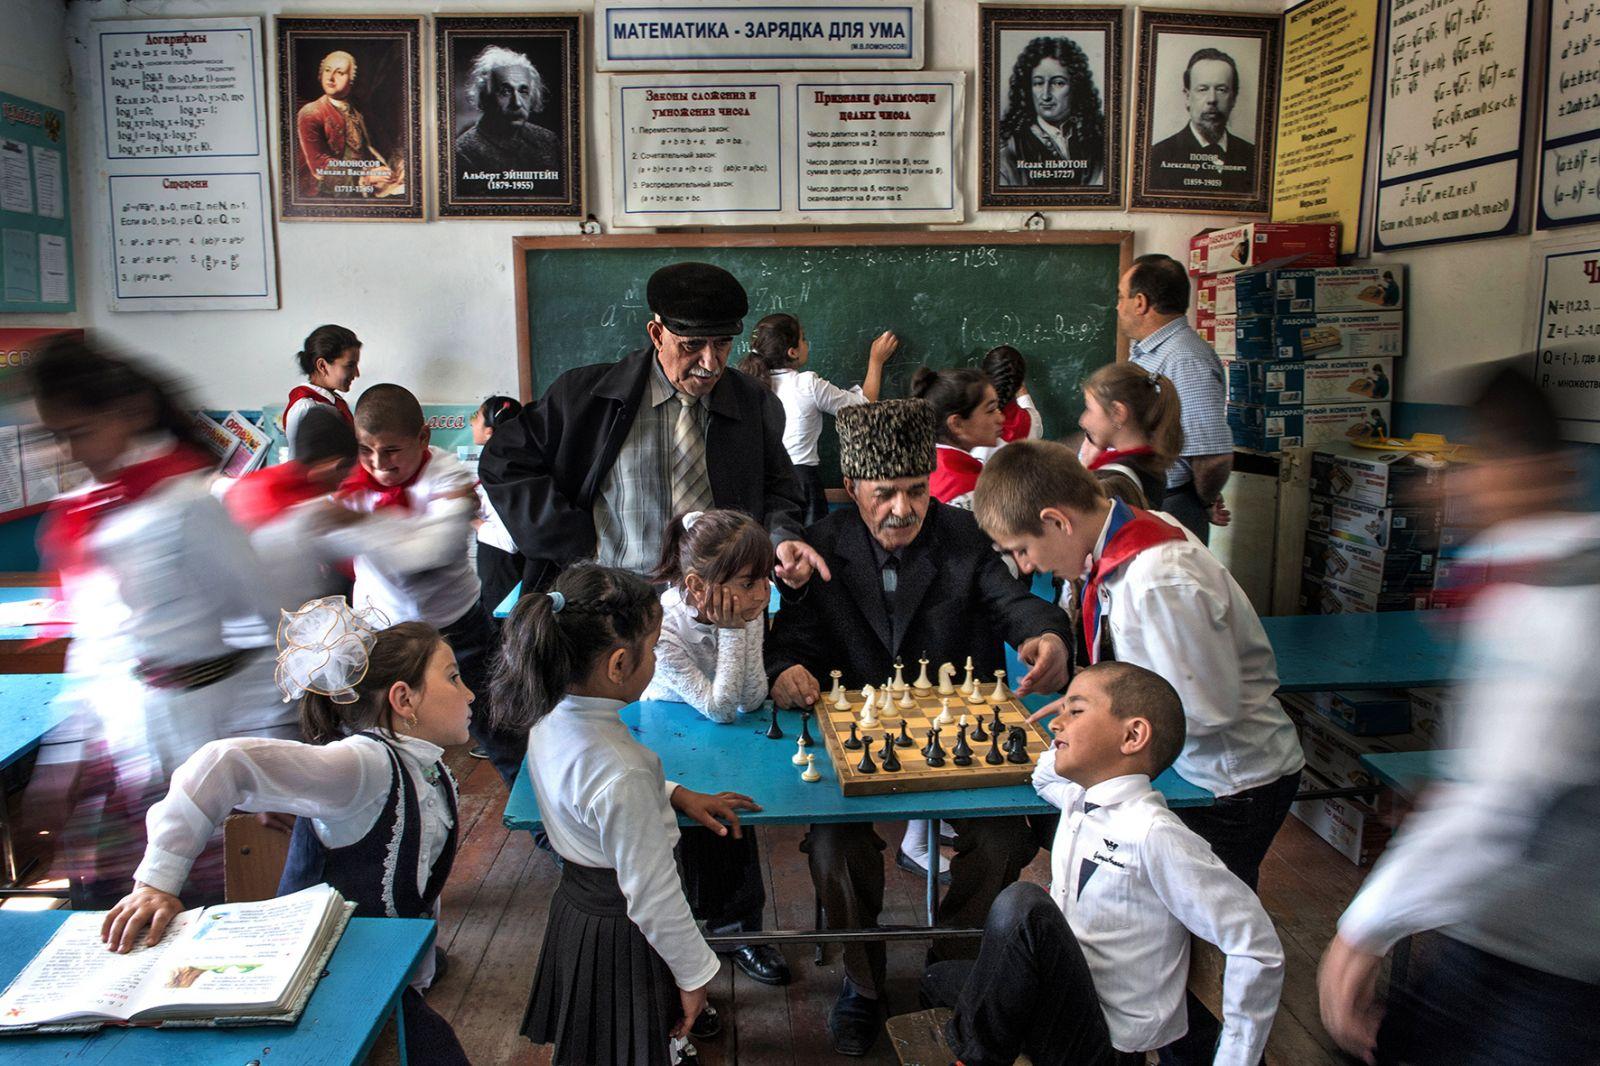 Перемена на уроке математики, © Владимир Вяткин, Финалист фотоконкурса «Самая красивая страна – 2018»